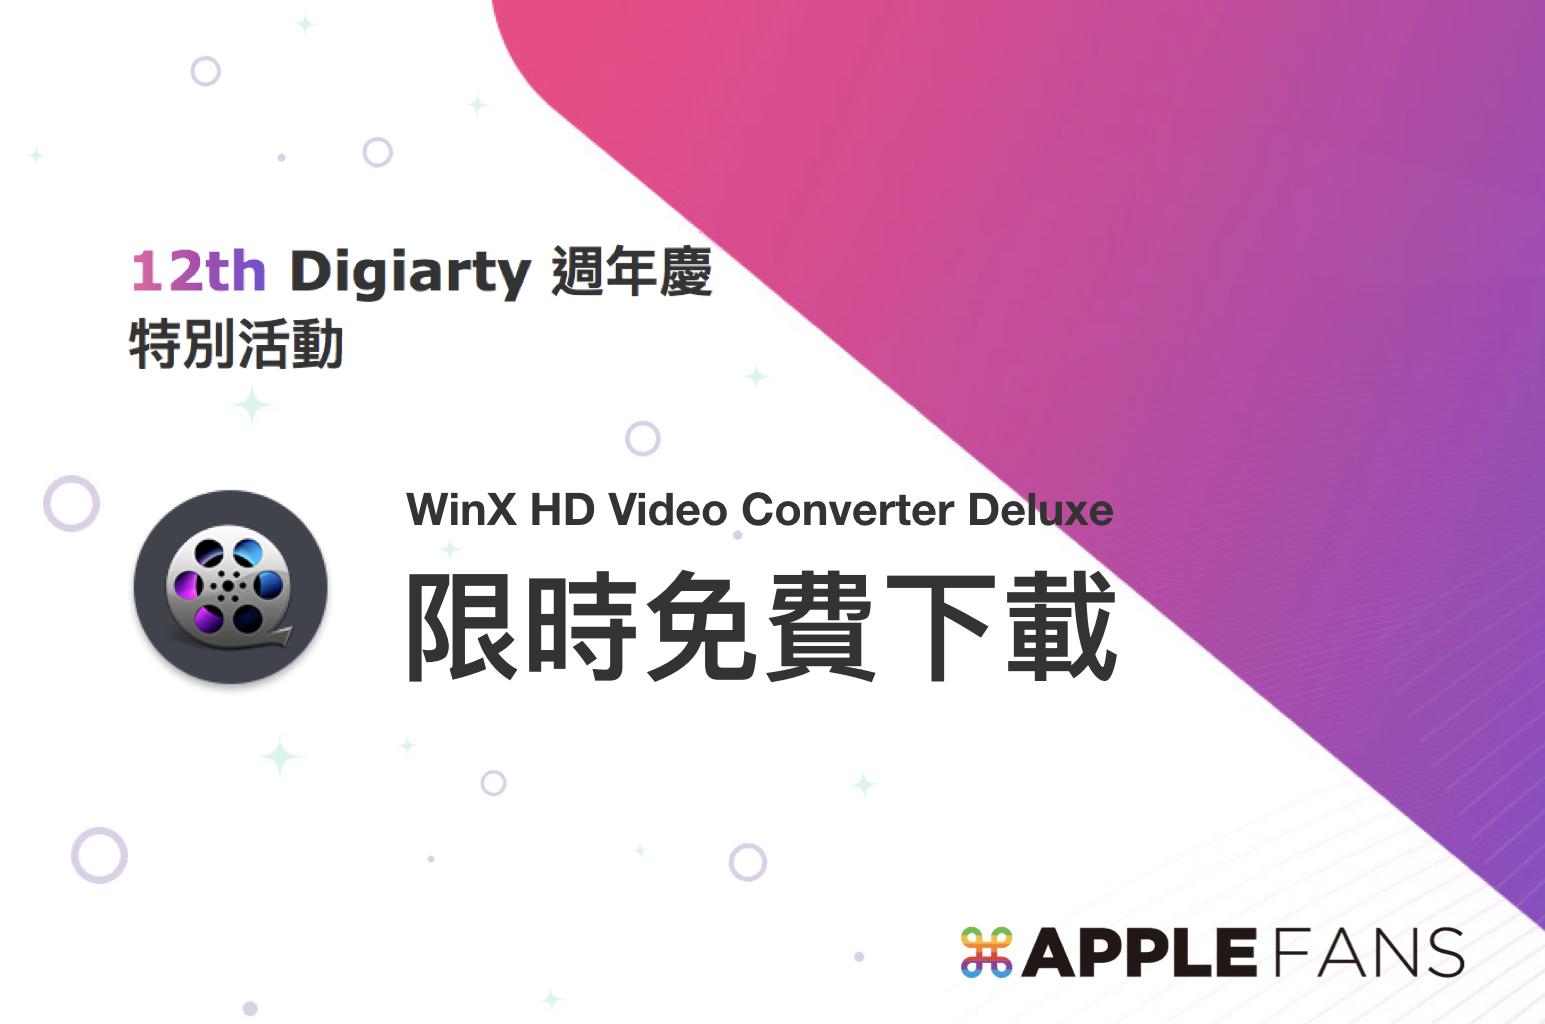 Digiarty 12 年週年慶WinX HD Video Converter Deluxe 免費送給